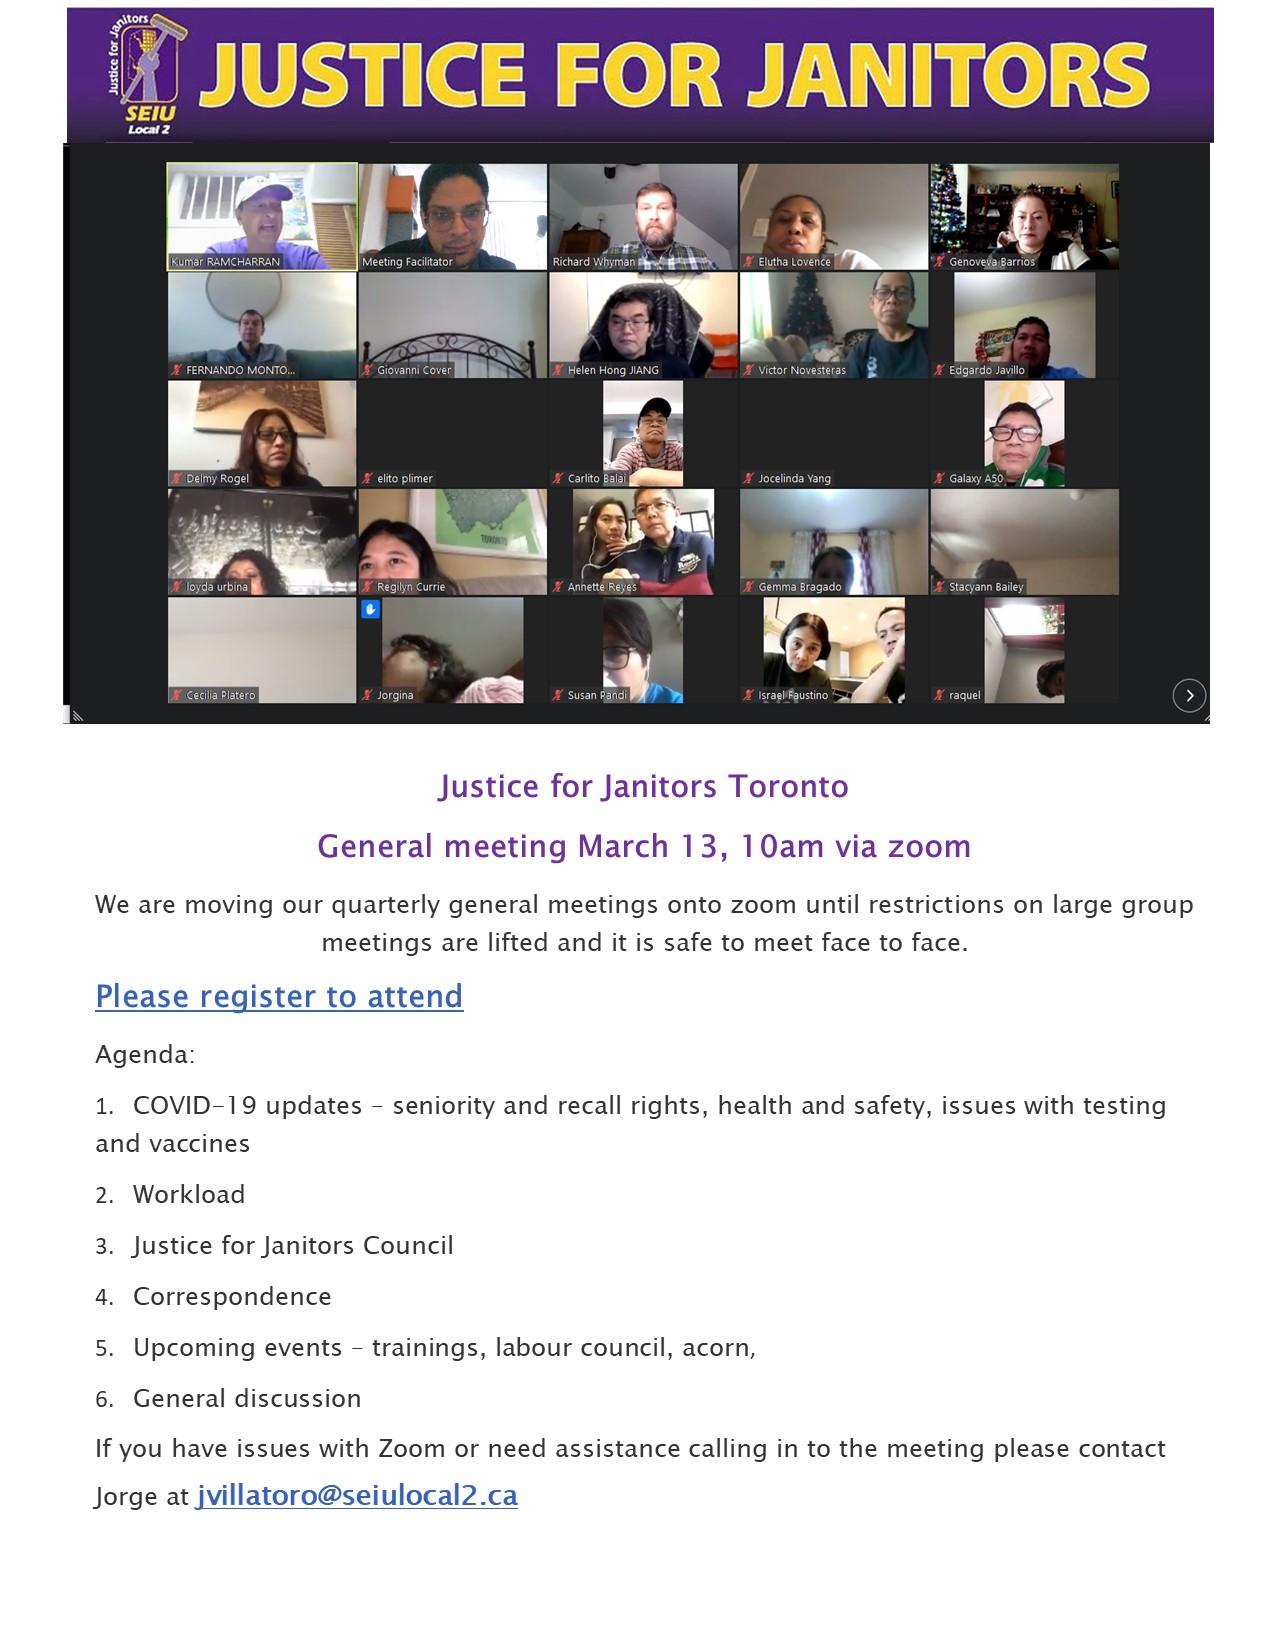 Justice for Janitors Toronto General Membership Meeting